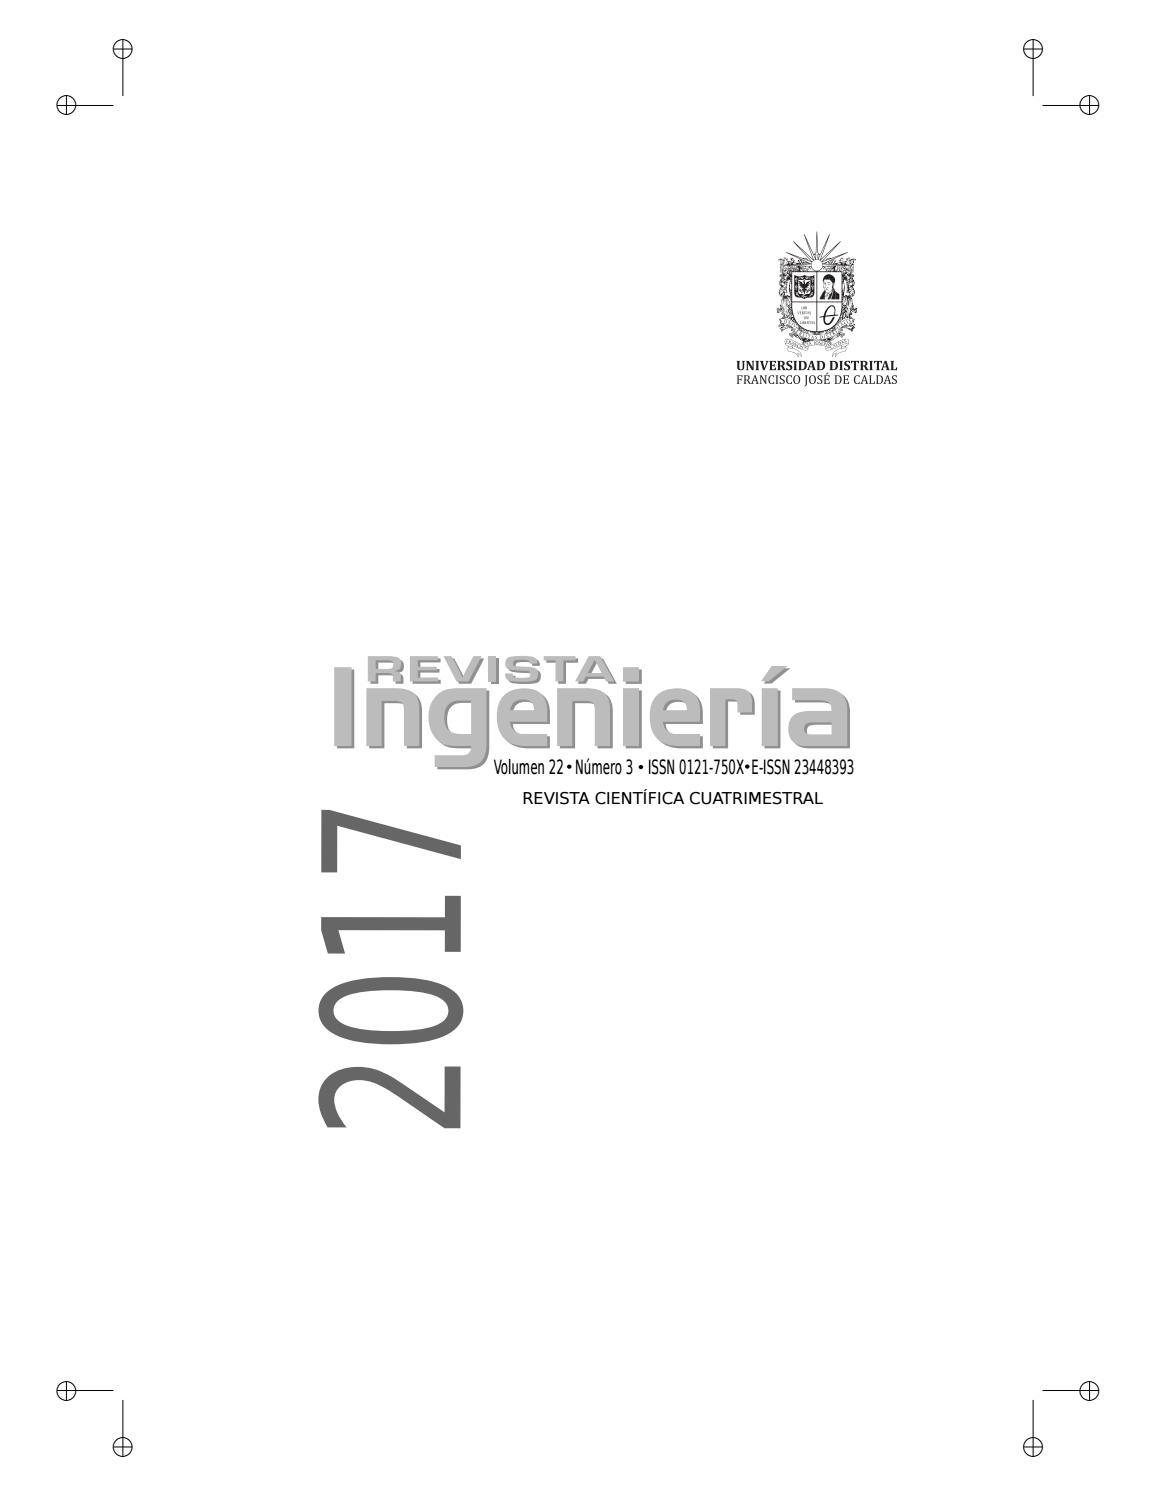 revista ingeniería vol 22 by camiloAranguren - issuu